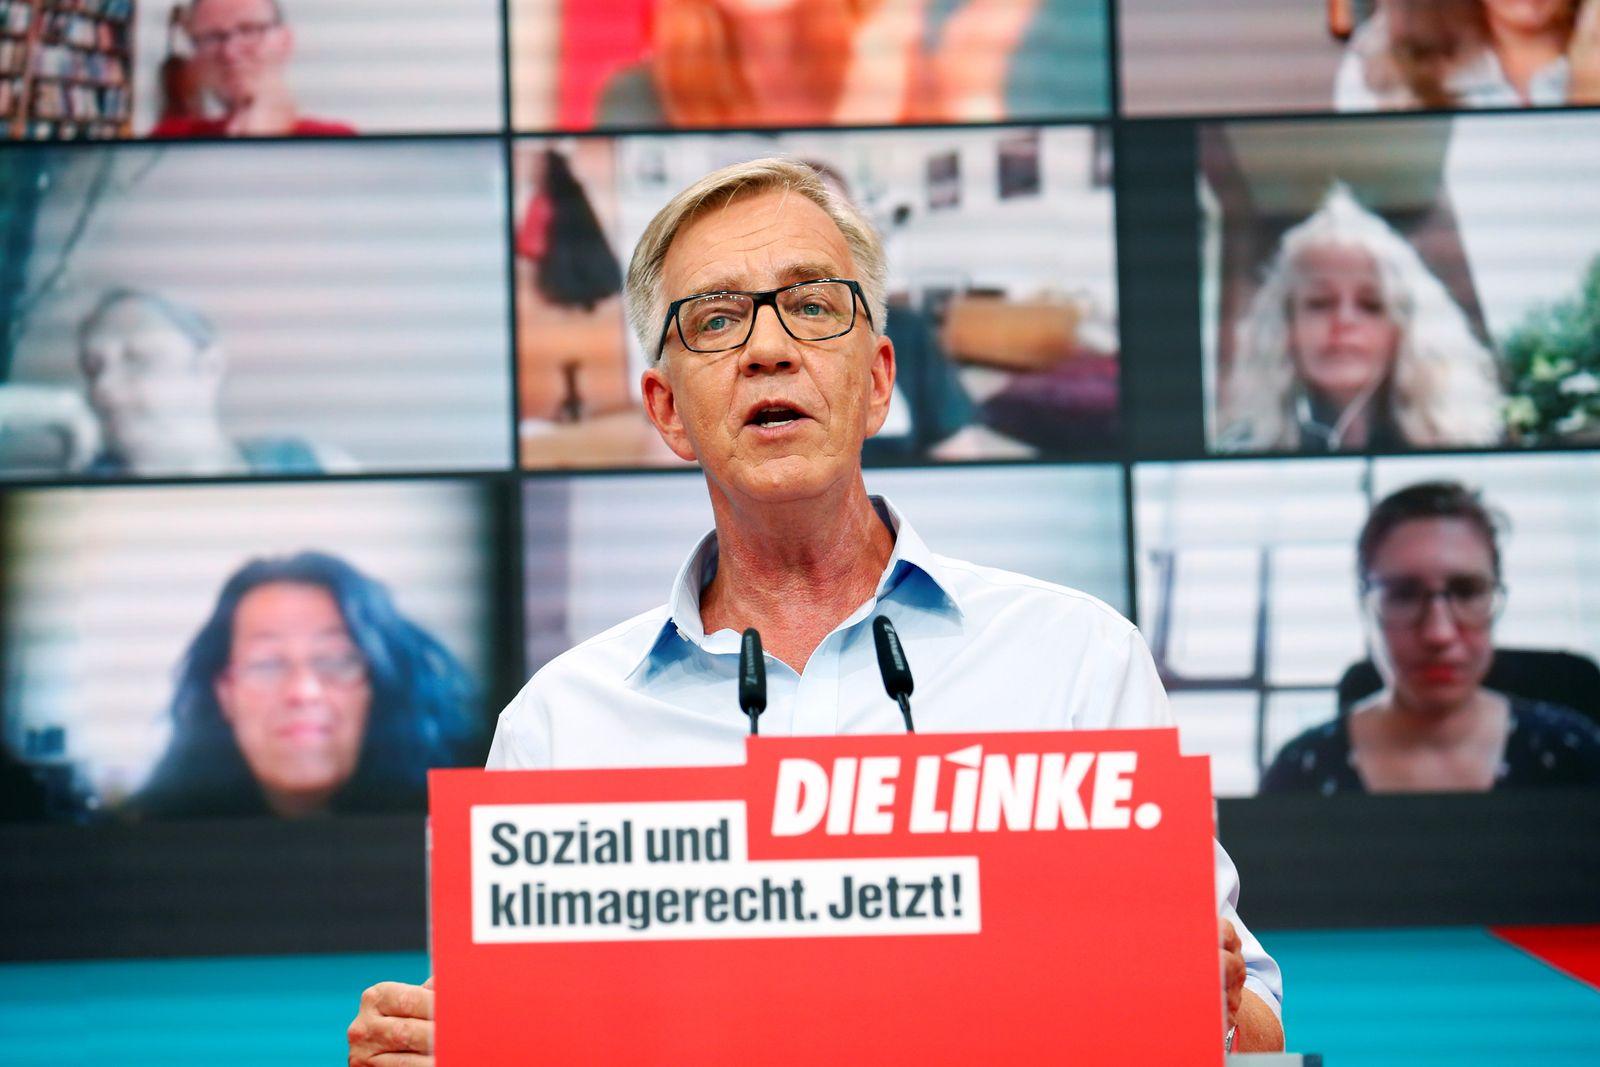 Die Linke party congress in Berlin